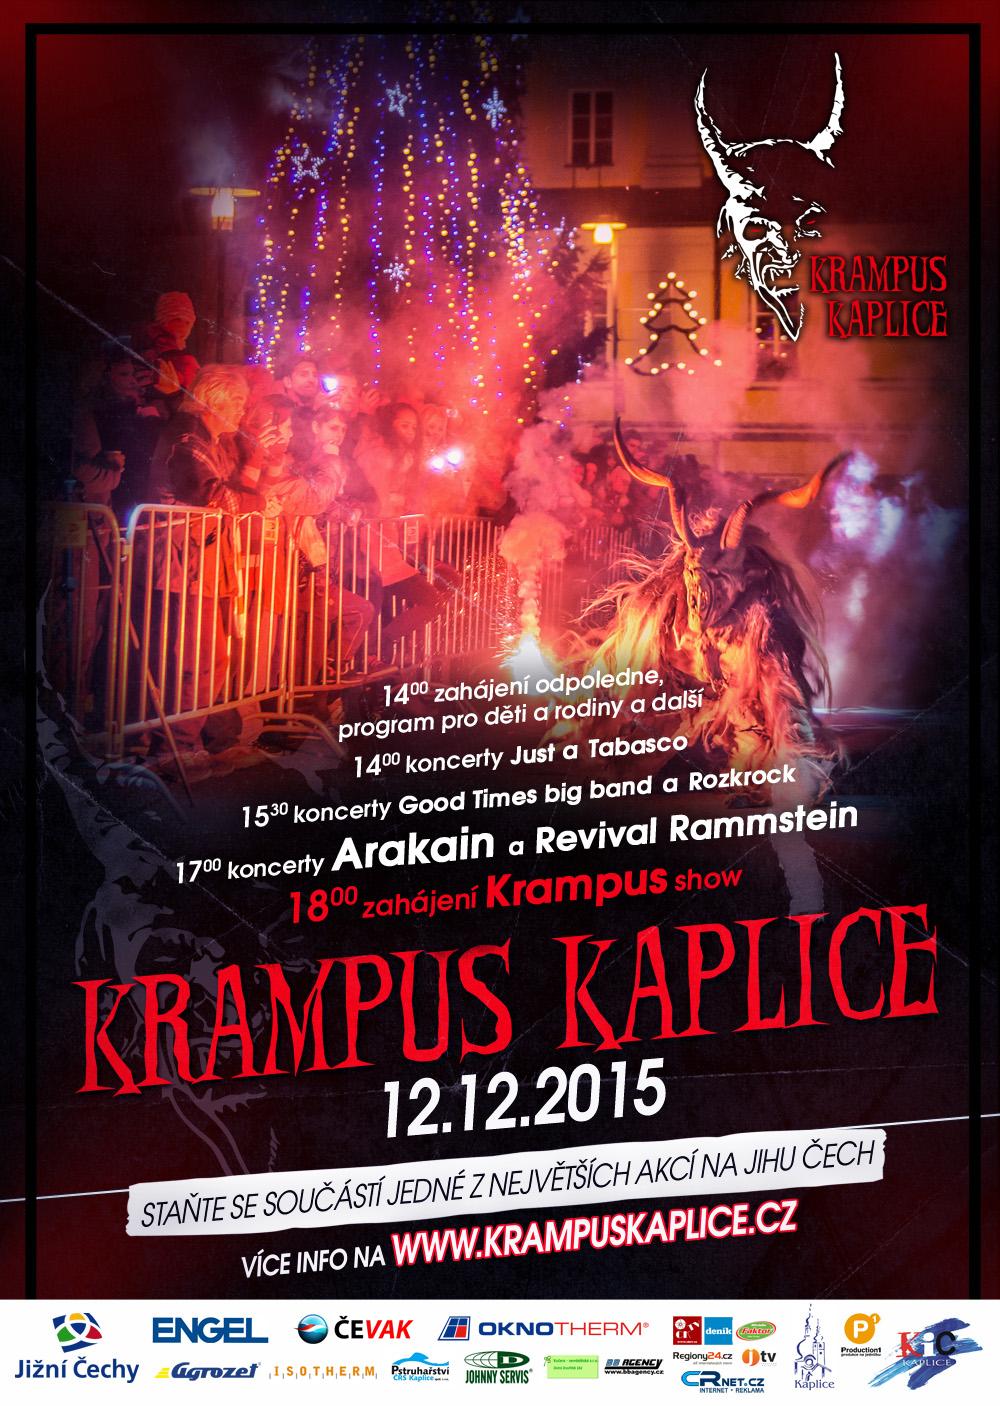 Krampus Kaplice 2015